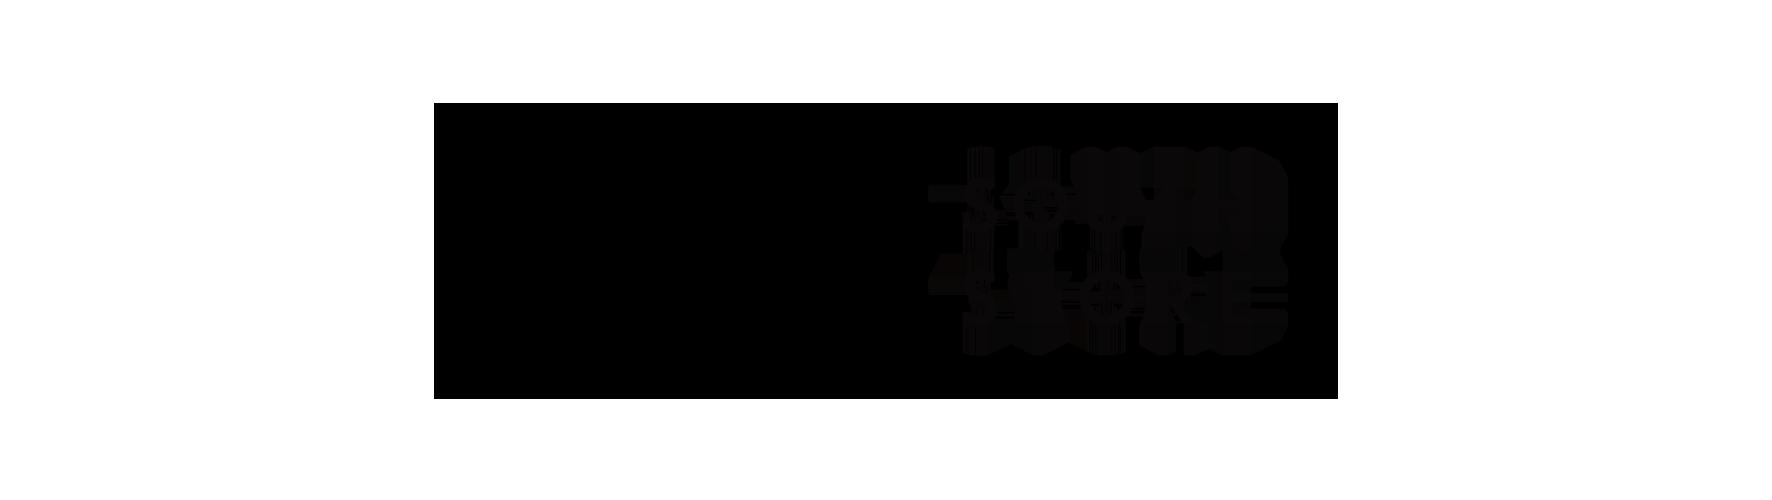 """沖縄県那覇市にあるユニセックスの洋服と雑貨を取り扱っているセレクトショップ """"SOUTH STORE"""" 。着心地がよく、どこか上品さのある洋服と日常を豊かにするちょっと気の利いた雑貨を集めています。"""